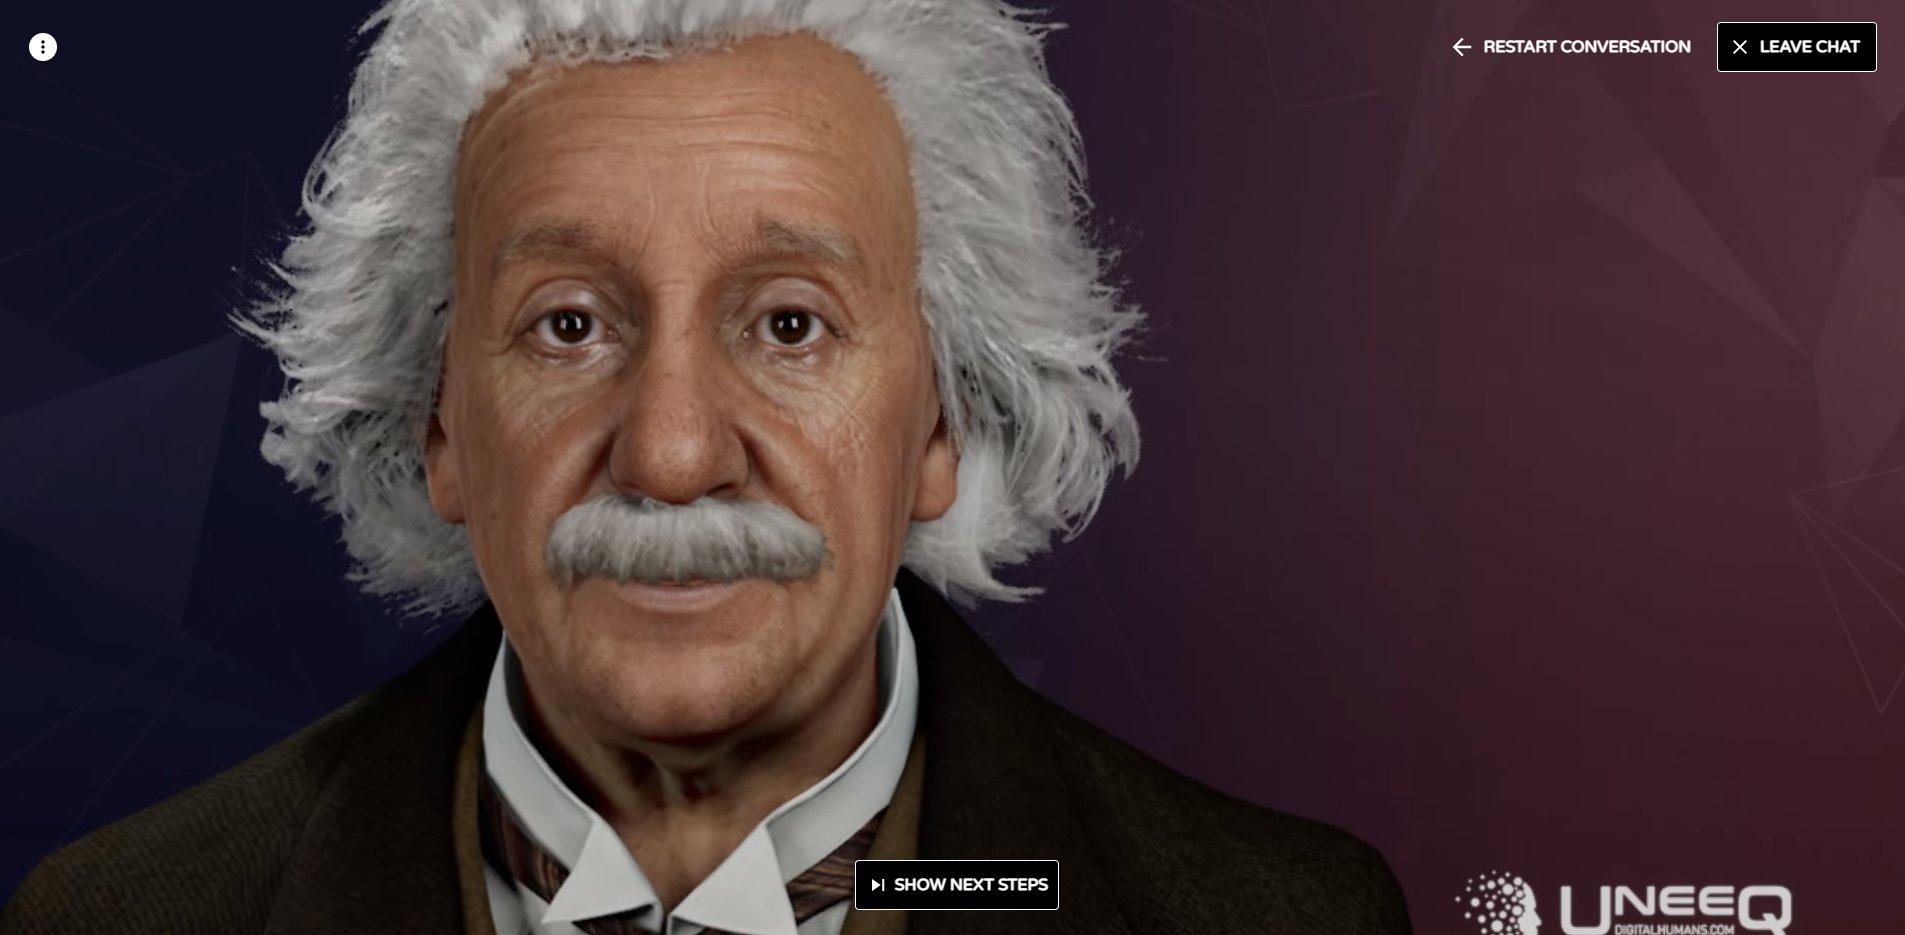 Digital Einstein experience